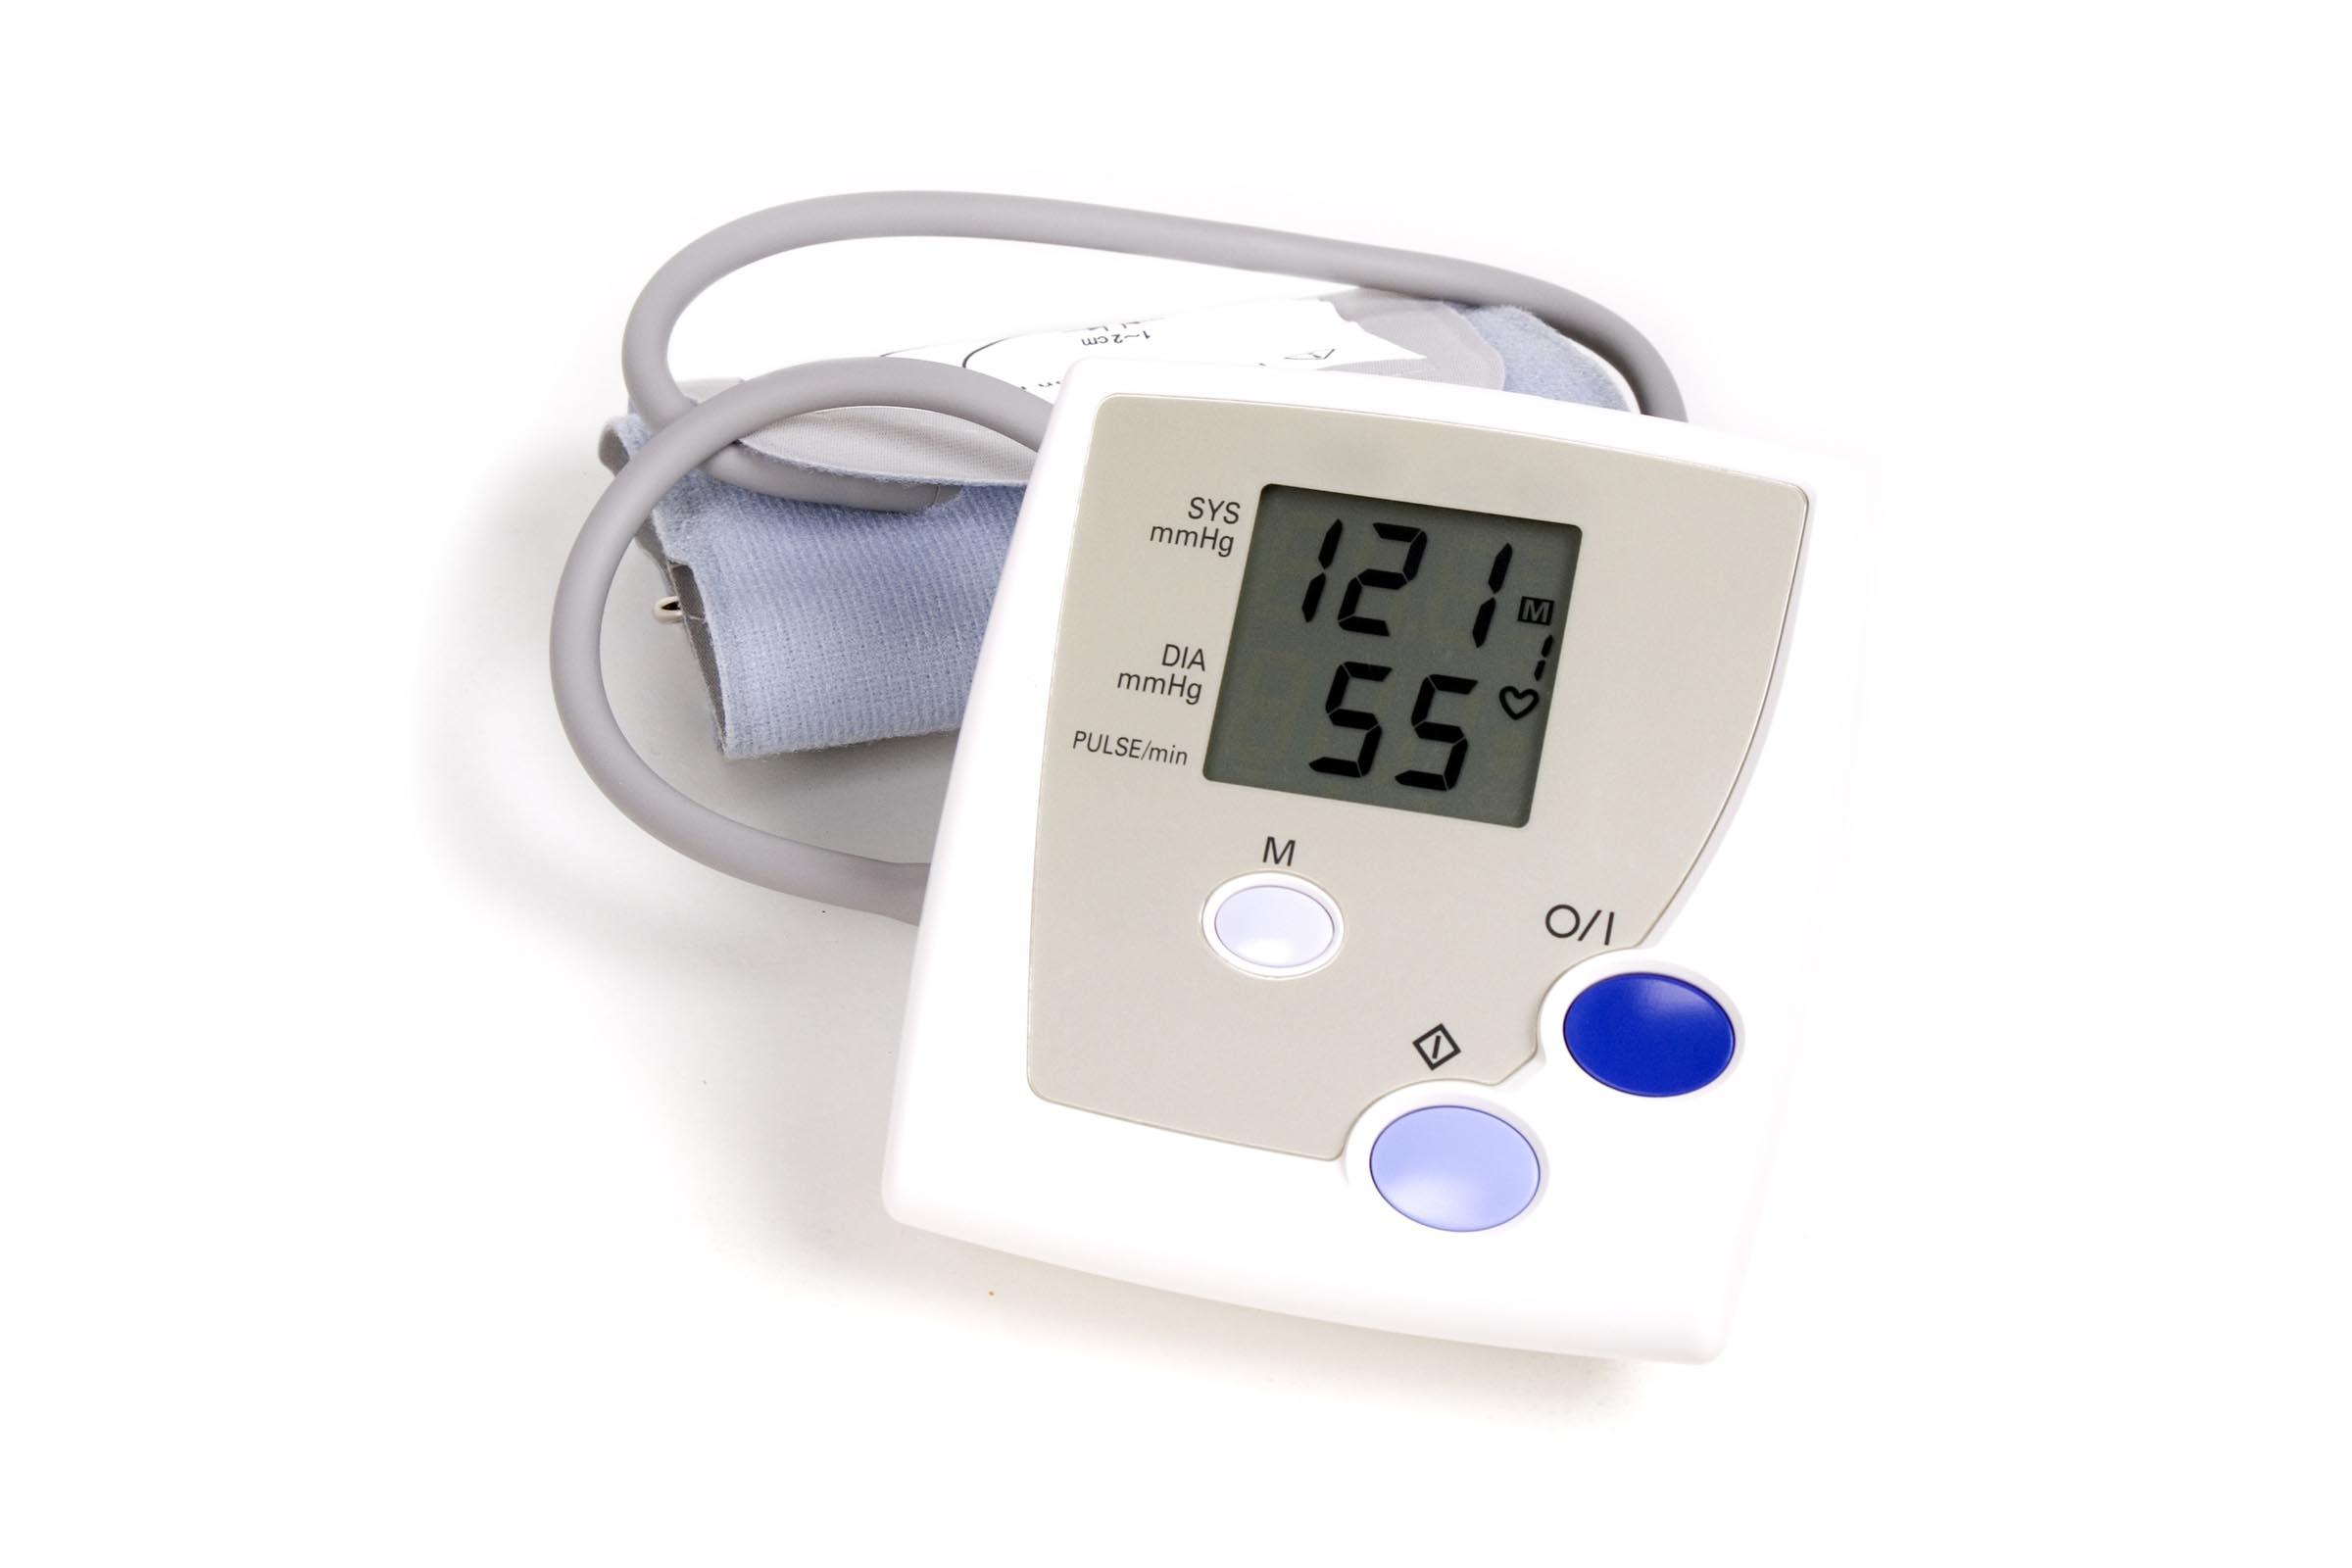 Vlechtwerkje in je hals helpt tegen hoge bloeddruk